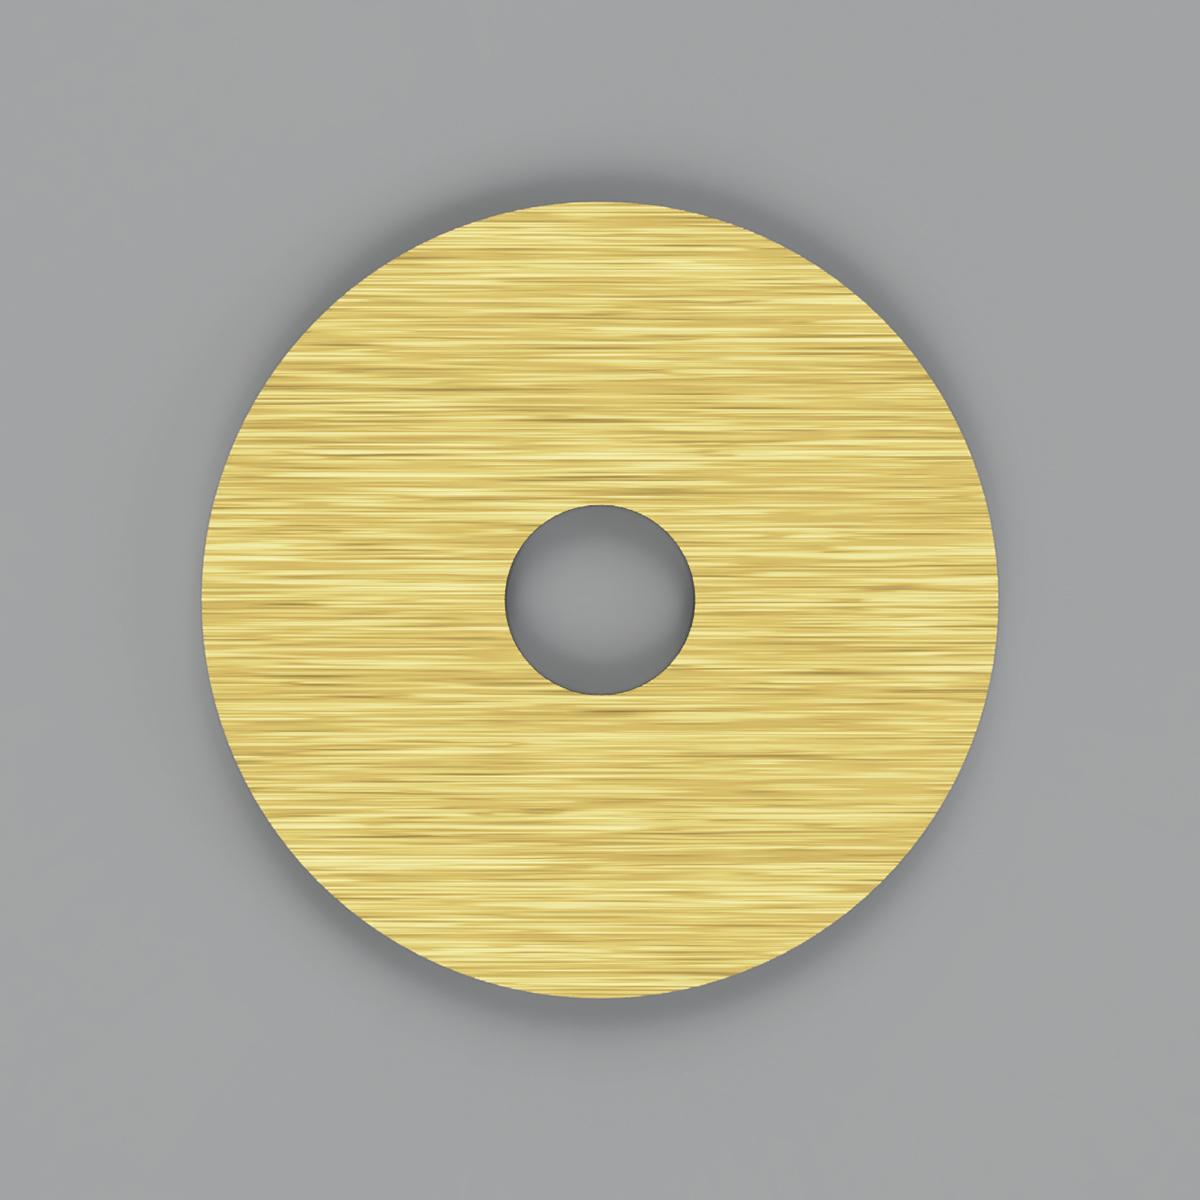 ASI Golden Lever Big Shaft Washer アーケード スティック インドネシア ゴールデンレバー用 ビッグワッシャー/パッキン